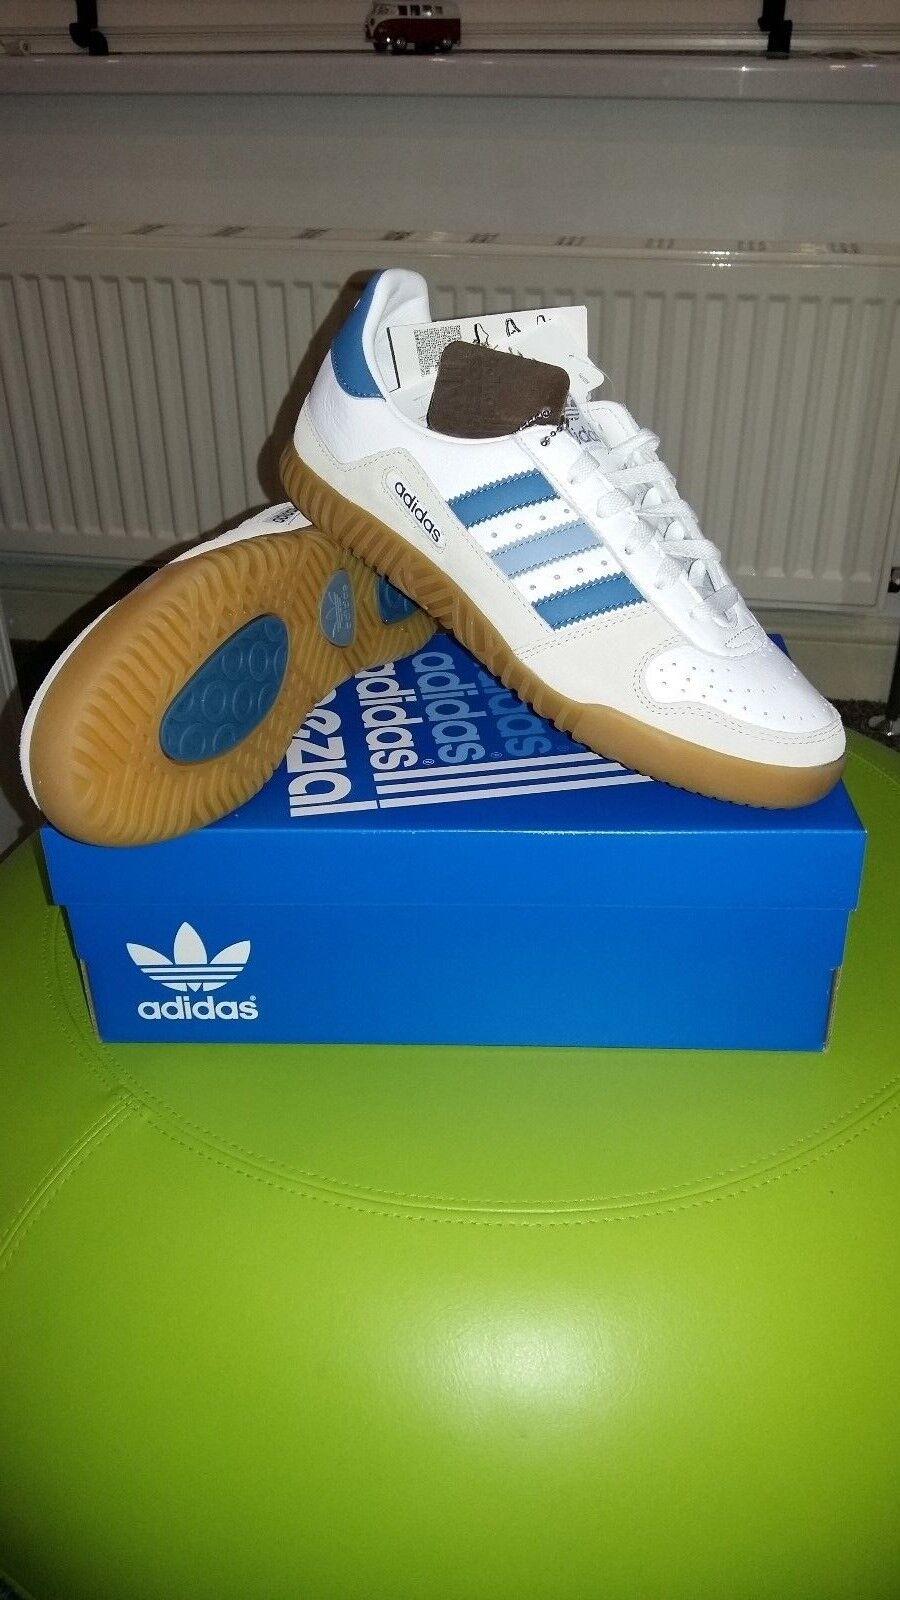 Originals.. adidas  Indoor spzl ... Retro Entrenadores Comp Reino Unido 42 euros